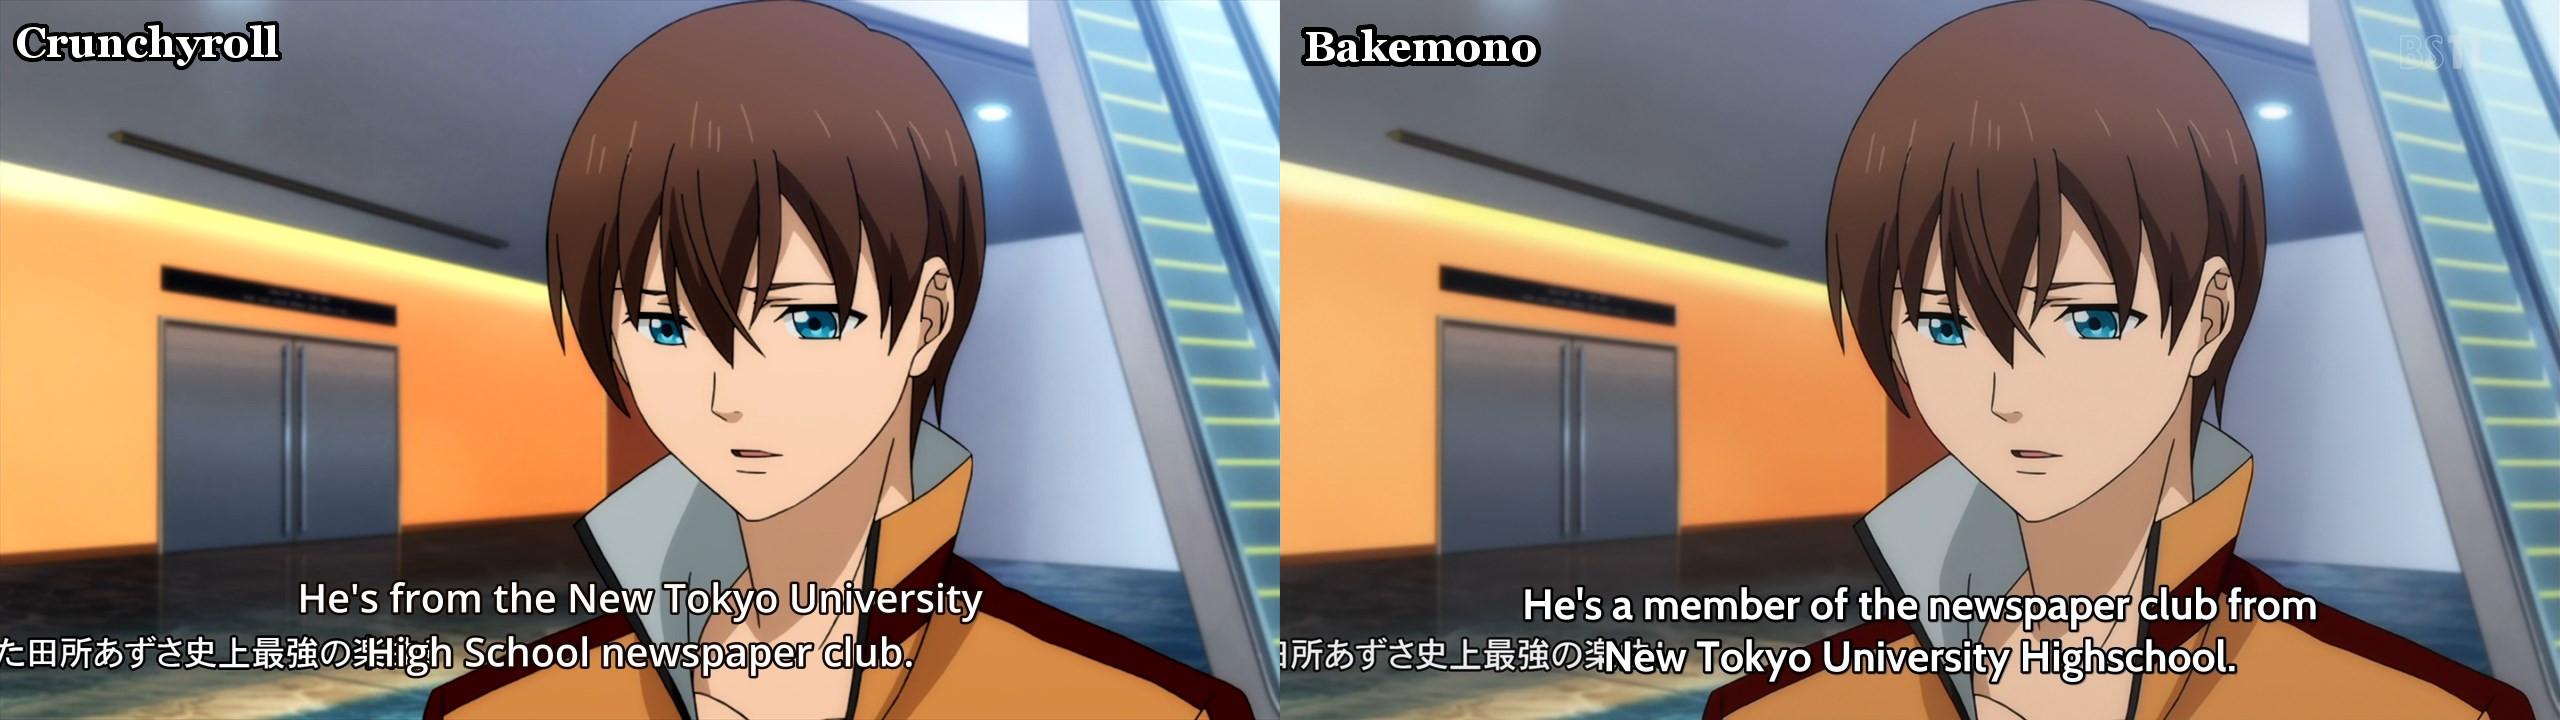 crunchyroll_versus_bakemono_-_trickster_-_122a